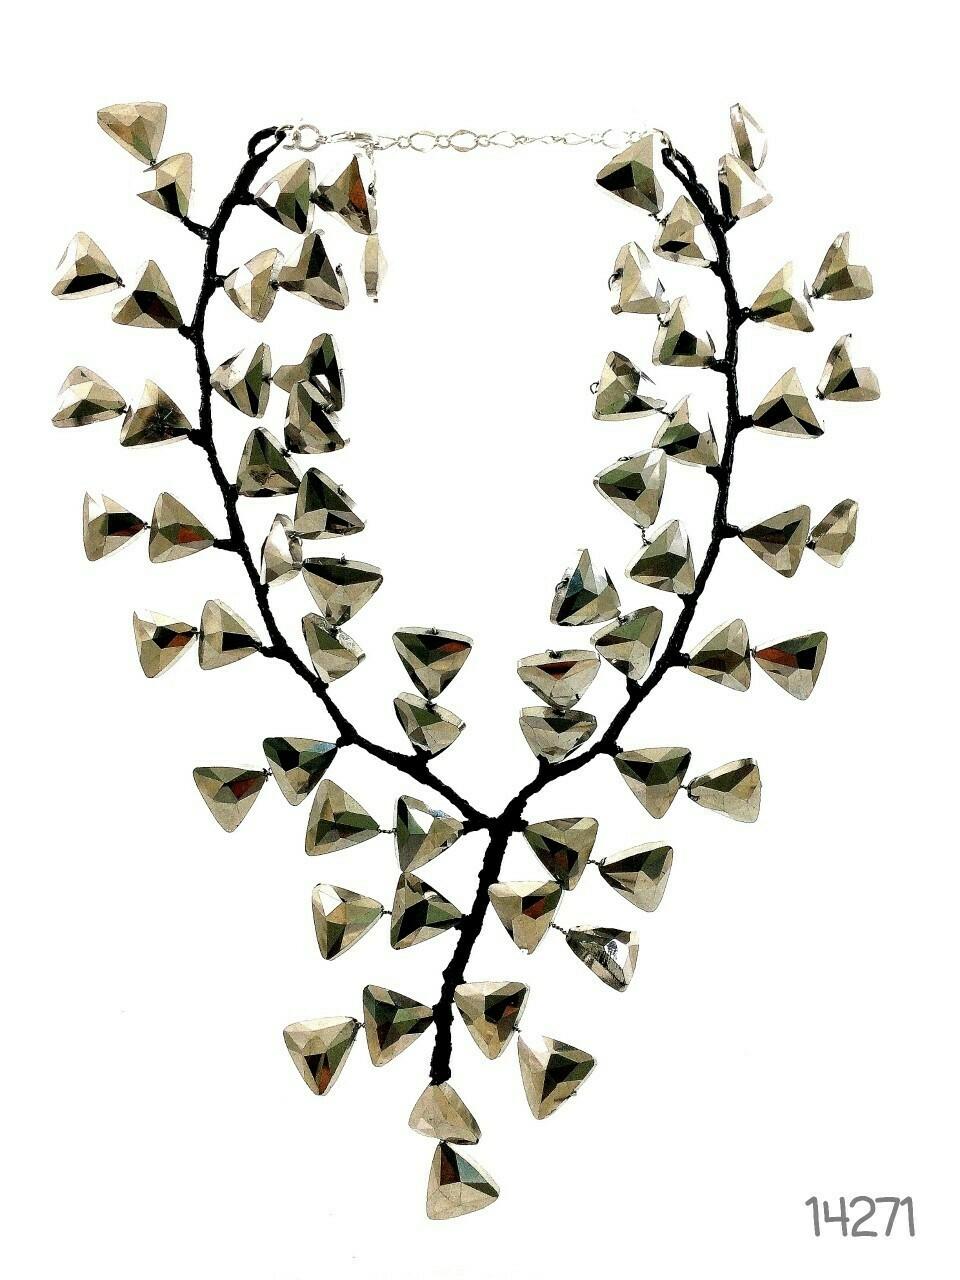 Artful Arrangement Statement Necklace